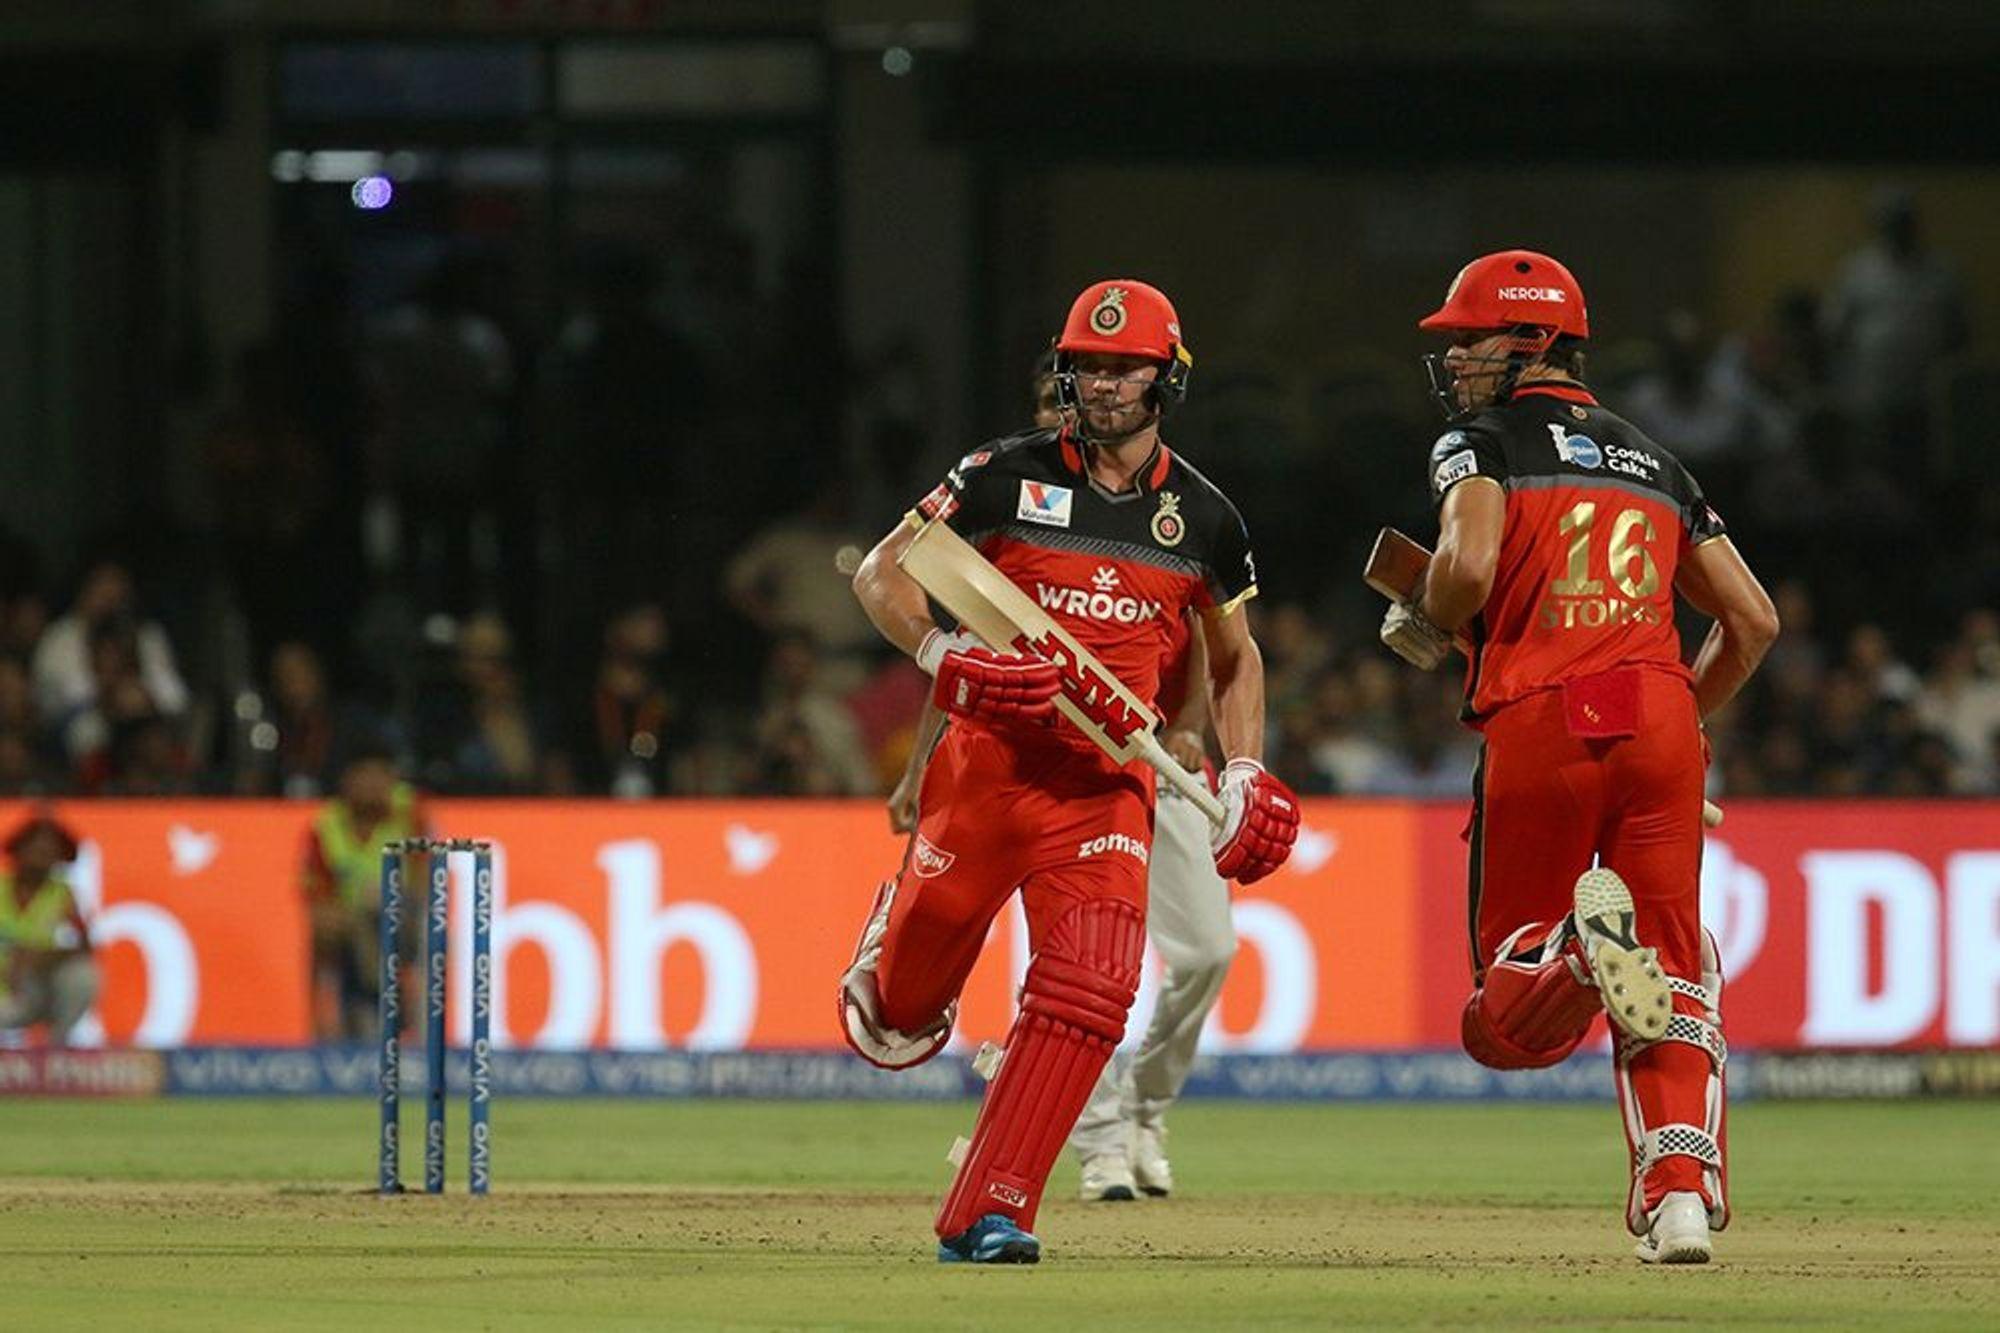 मैन ऑफ द मैच एबी डिविलियर्स ने बताया अपनी तूफानी बल्लेबाजी का असली राज 3